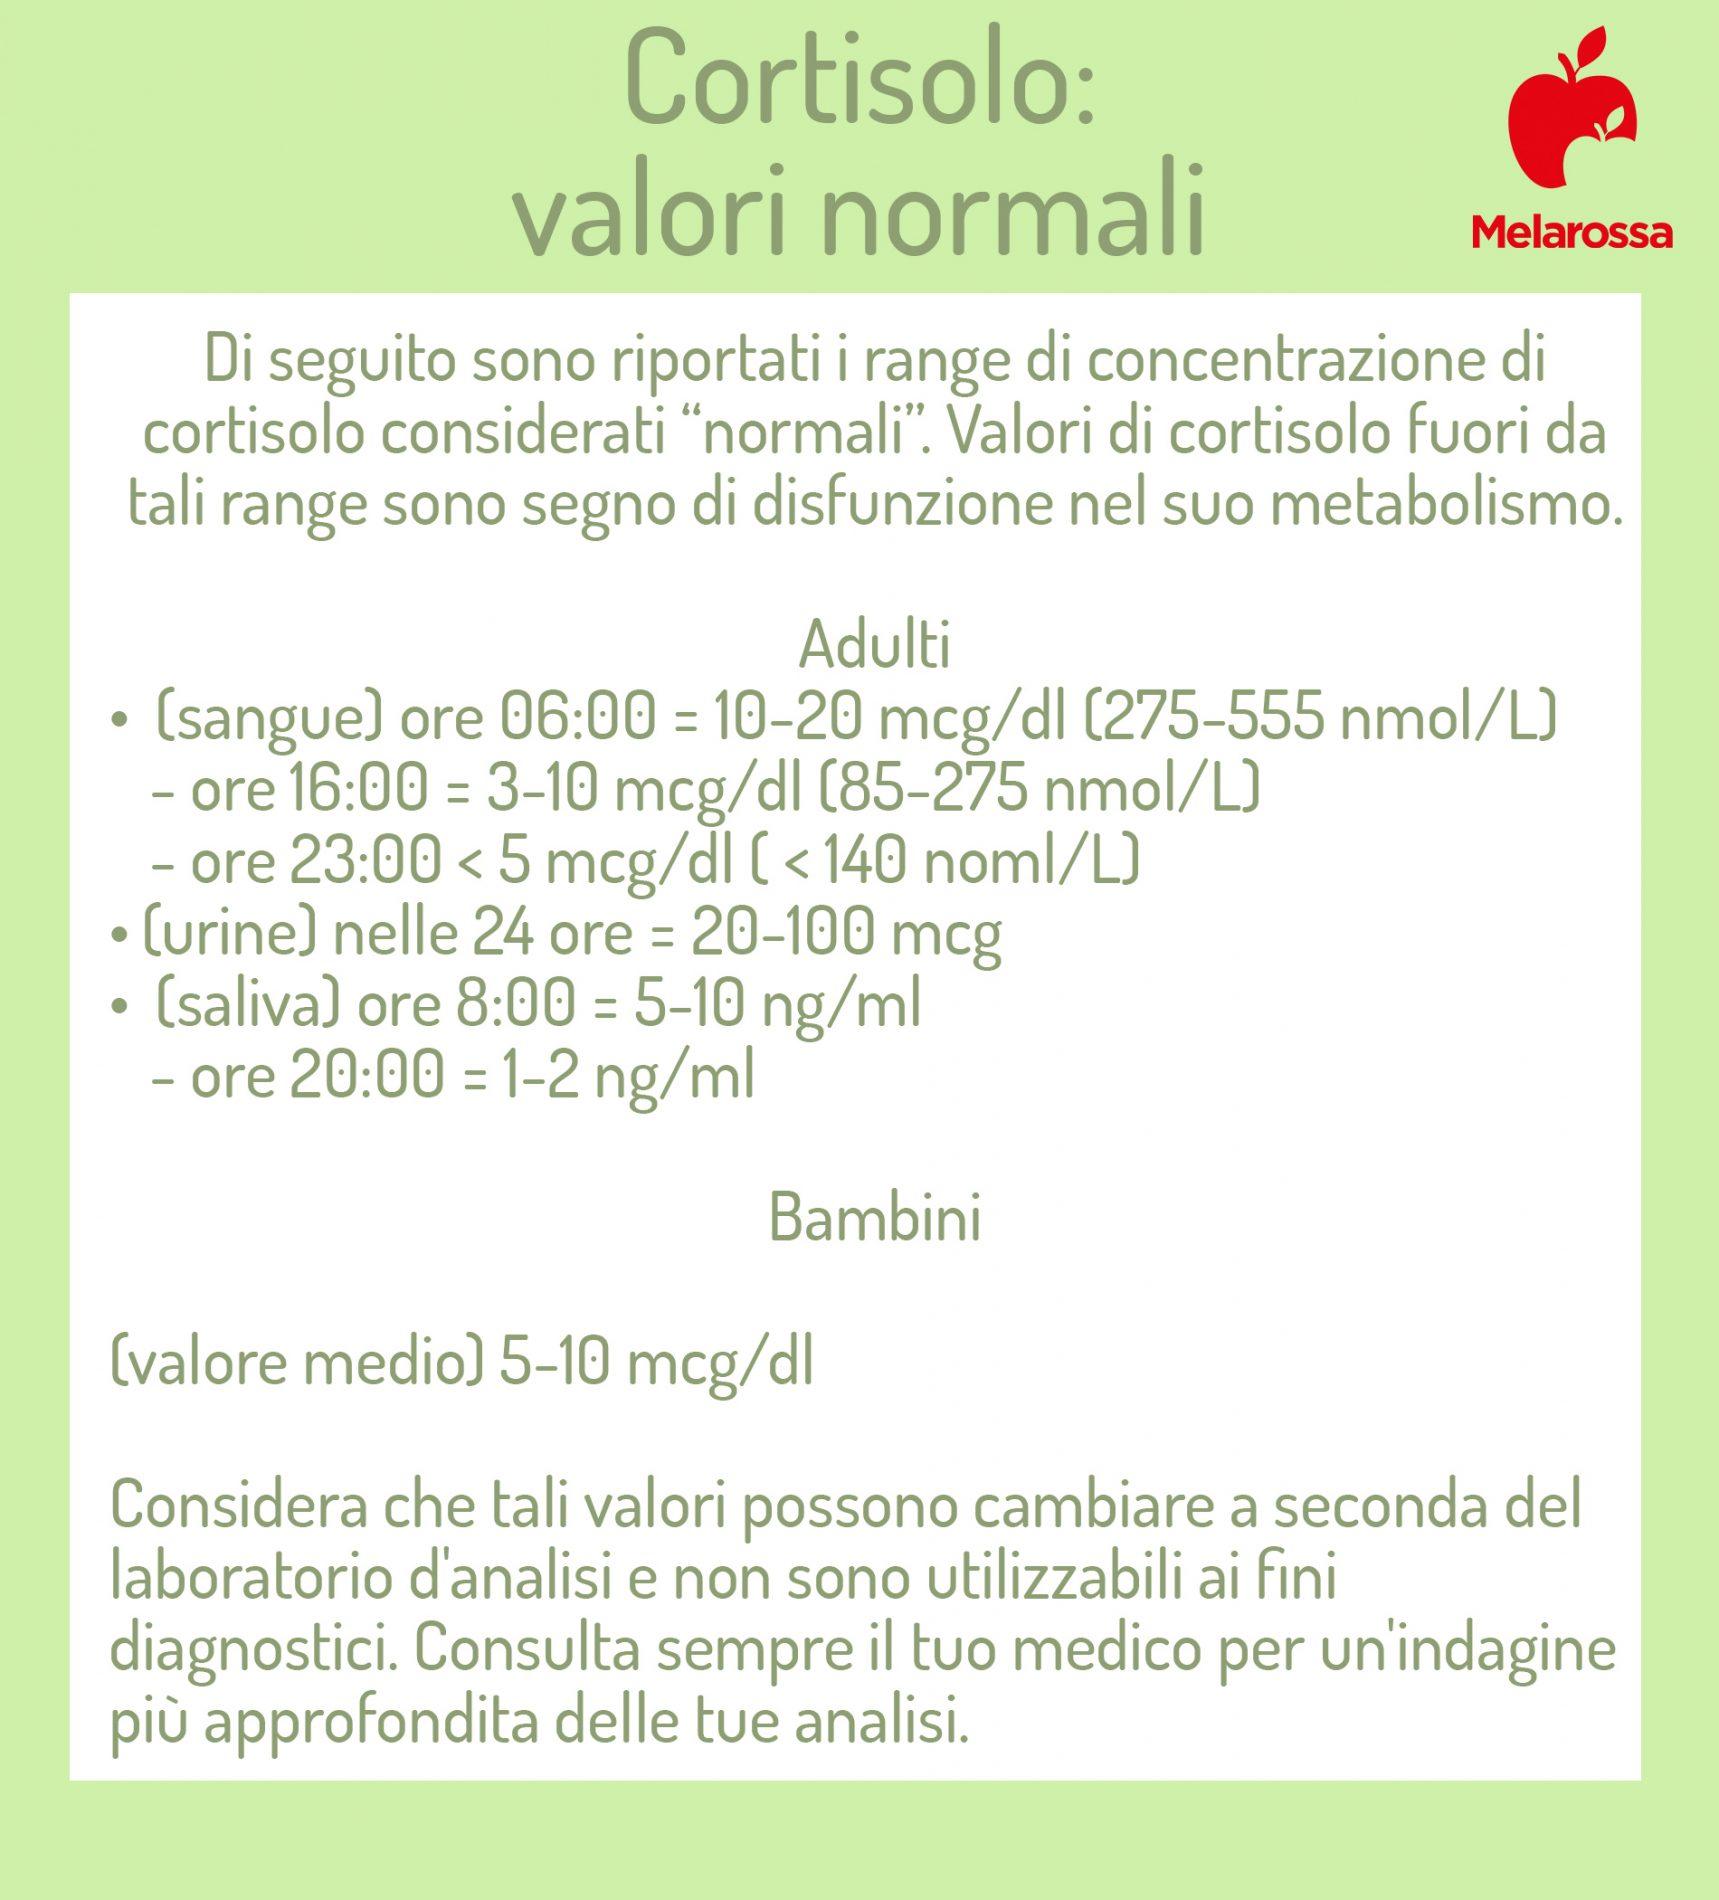 cortisolo: valori normali